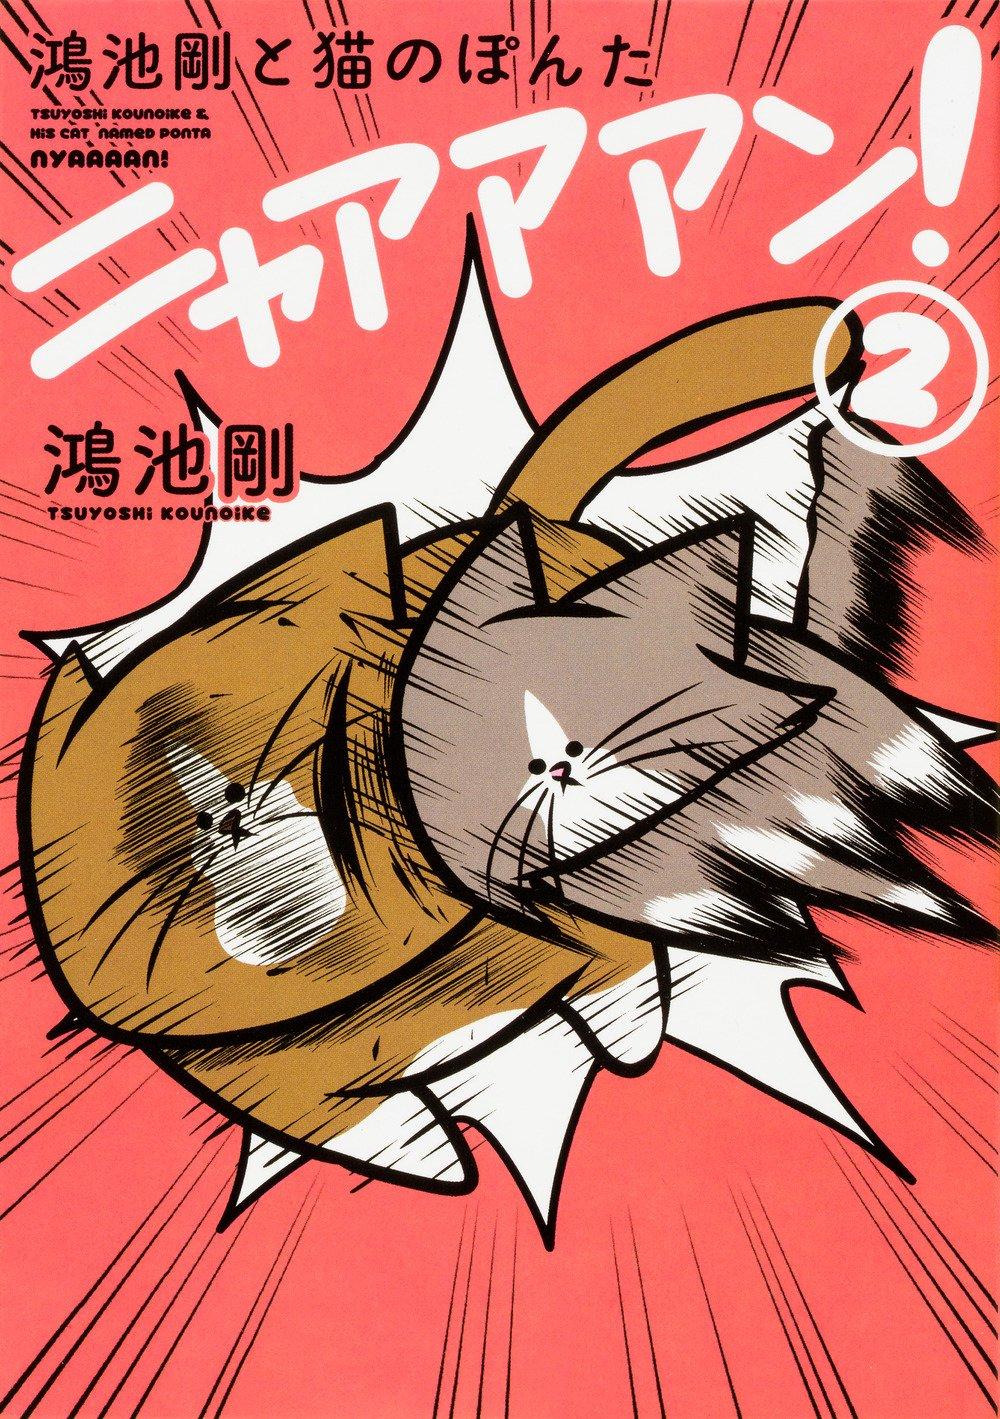 猫との日常を描くエッセイマンガ5選